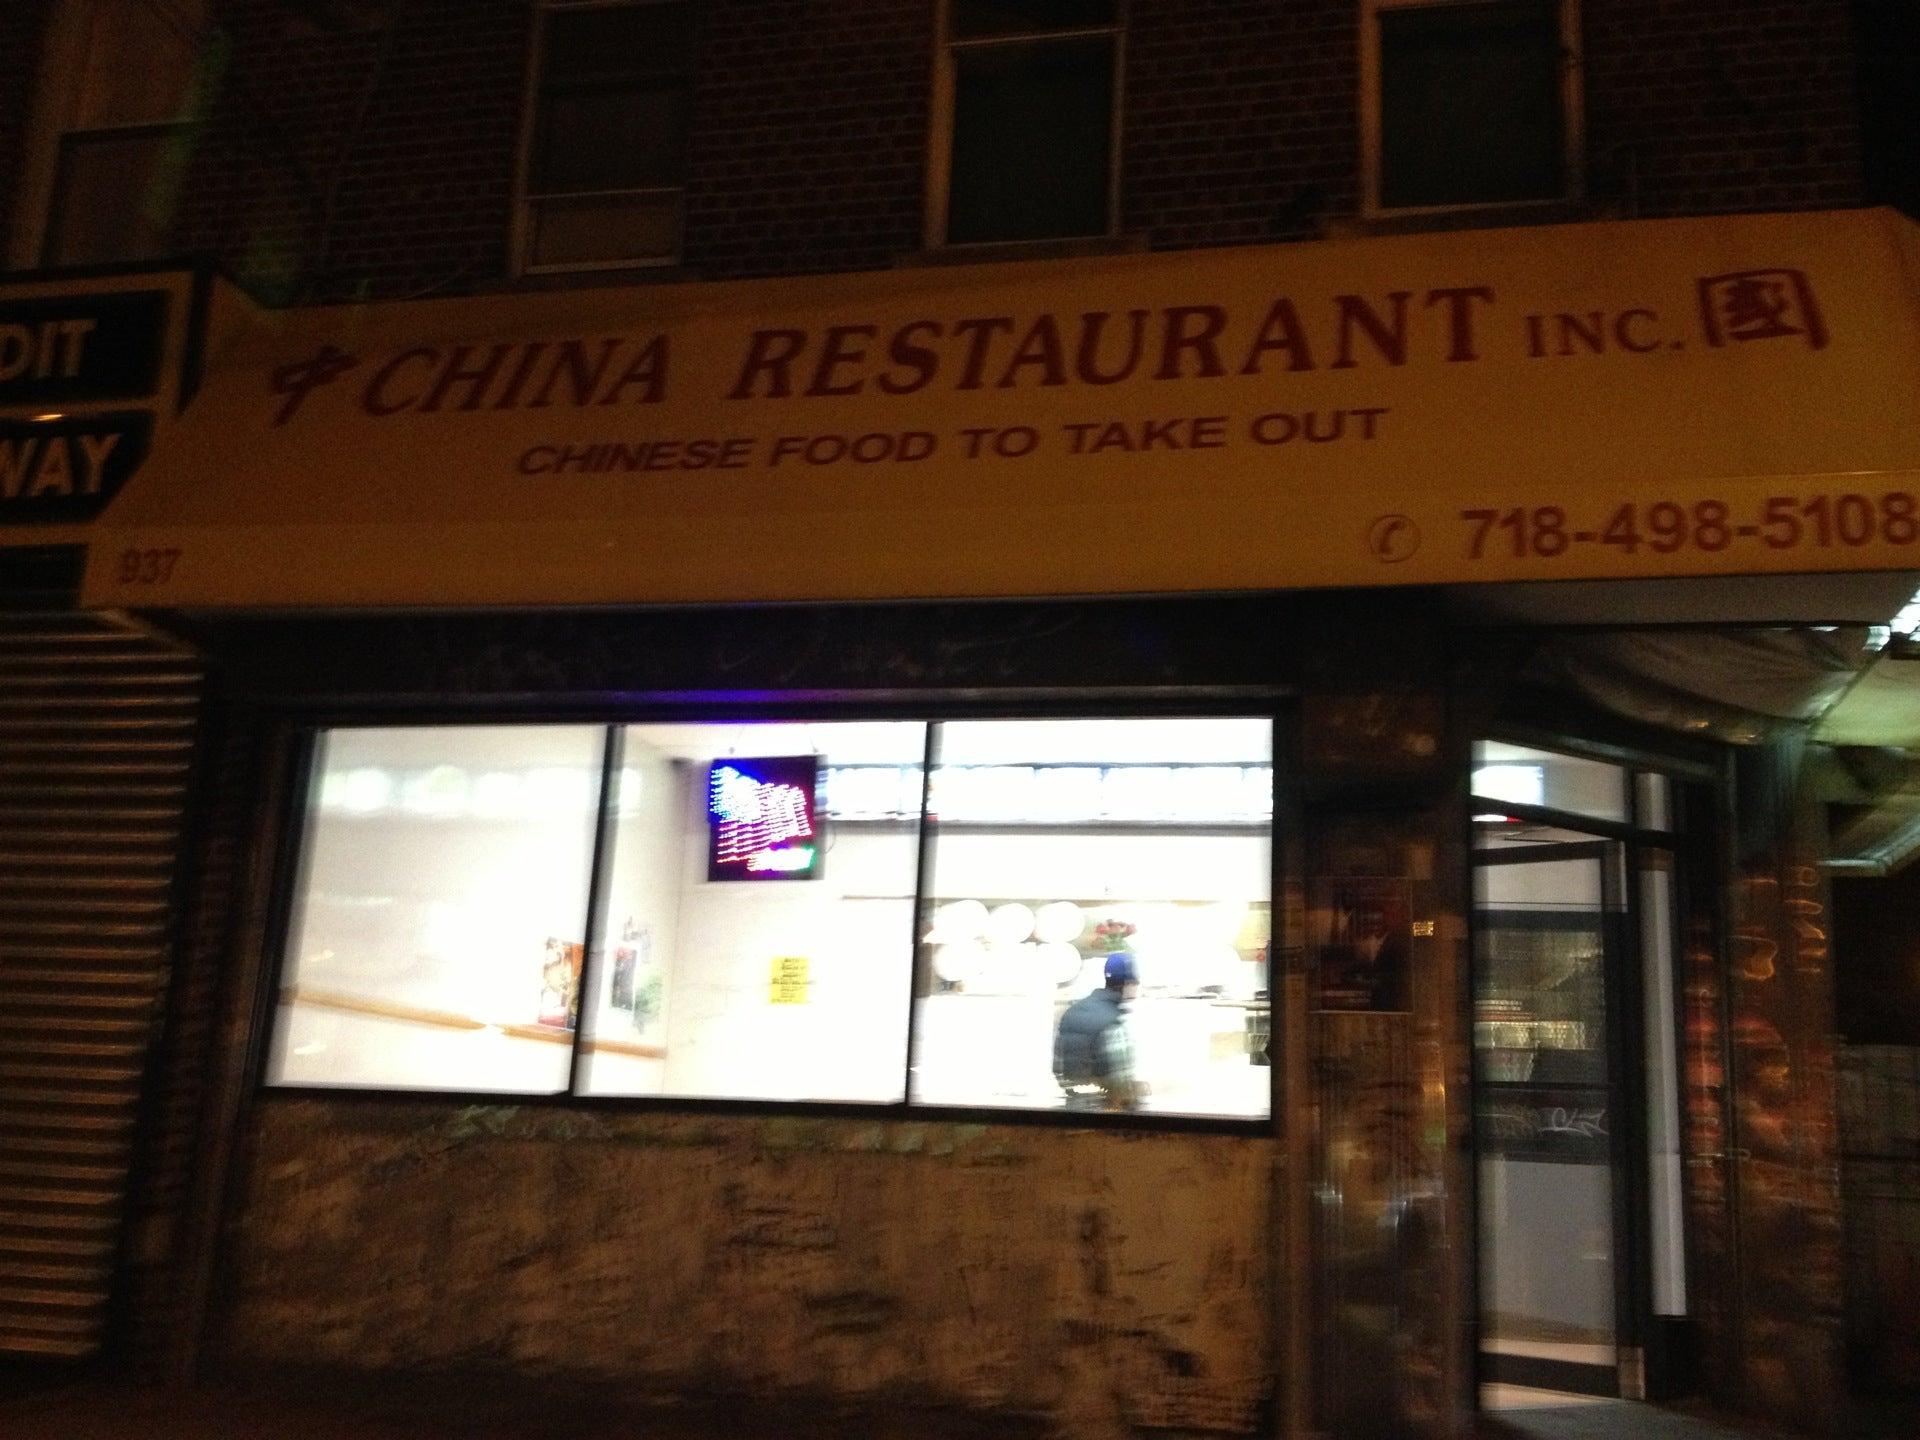 China Restaurant,